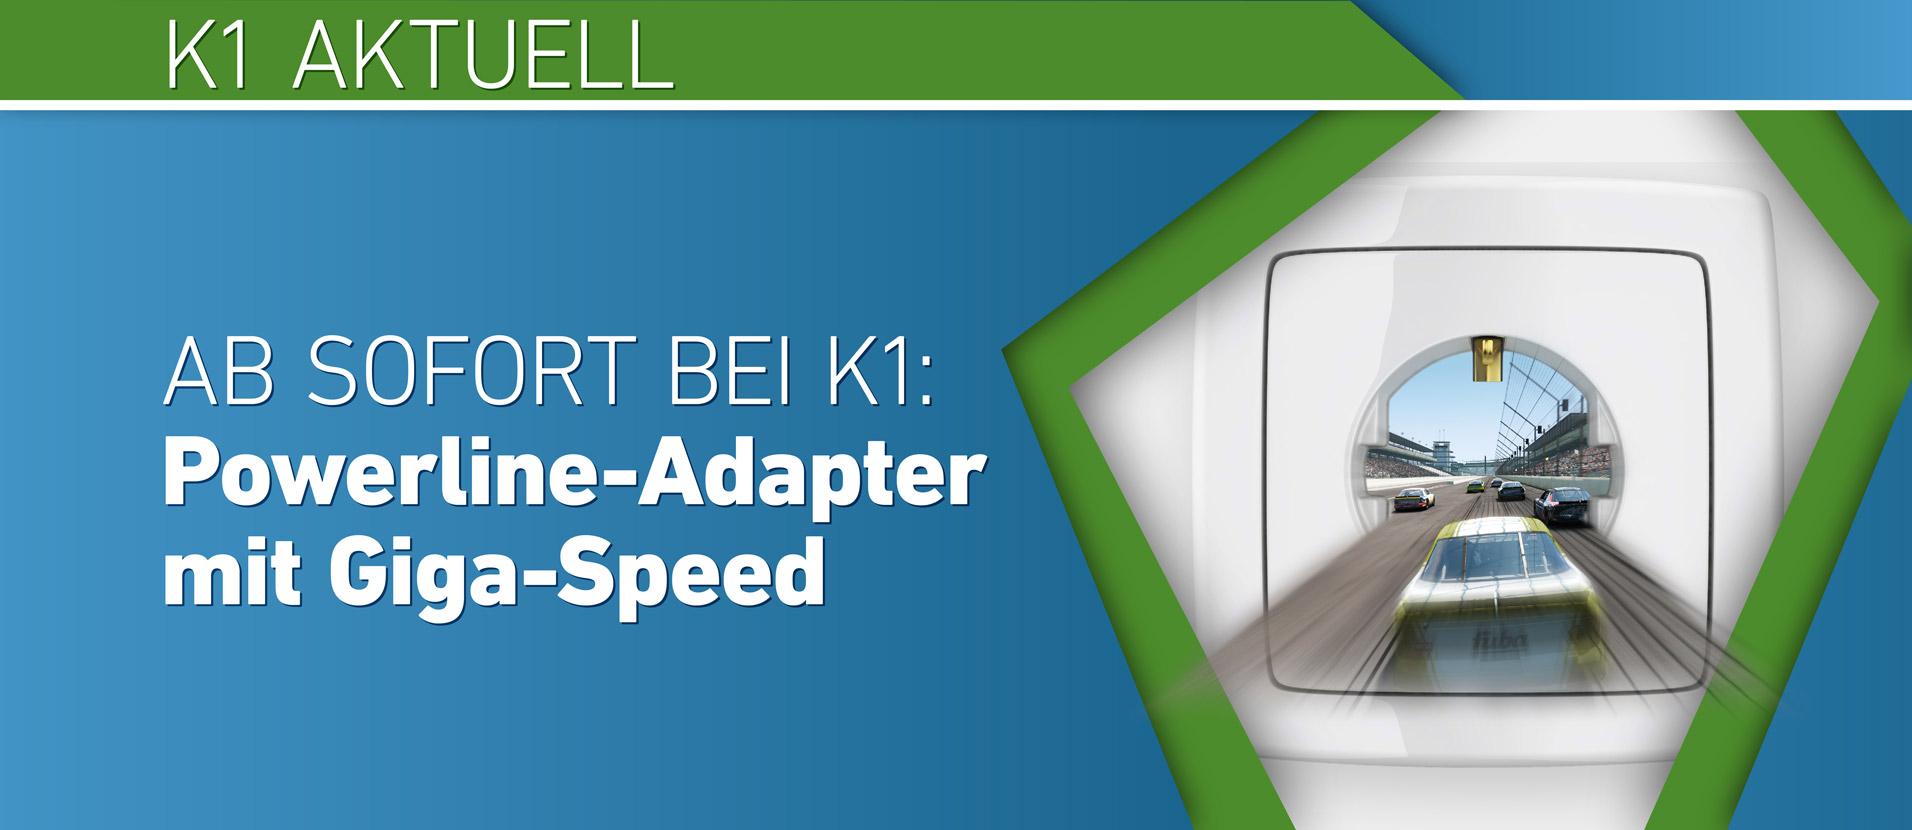 Powerline-Adapter mit Giga-Speed